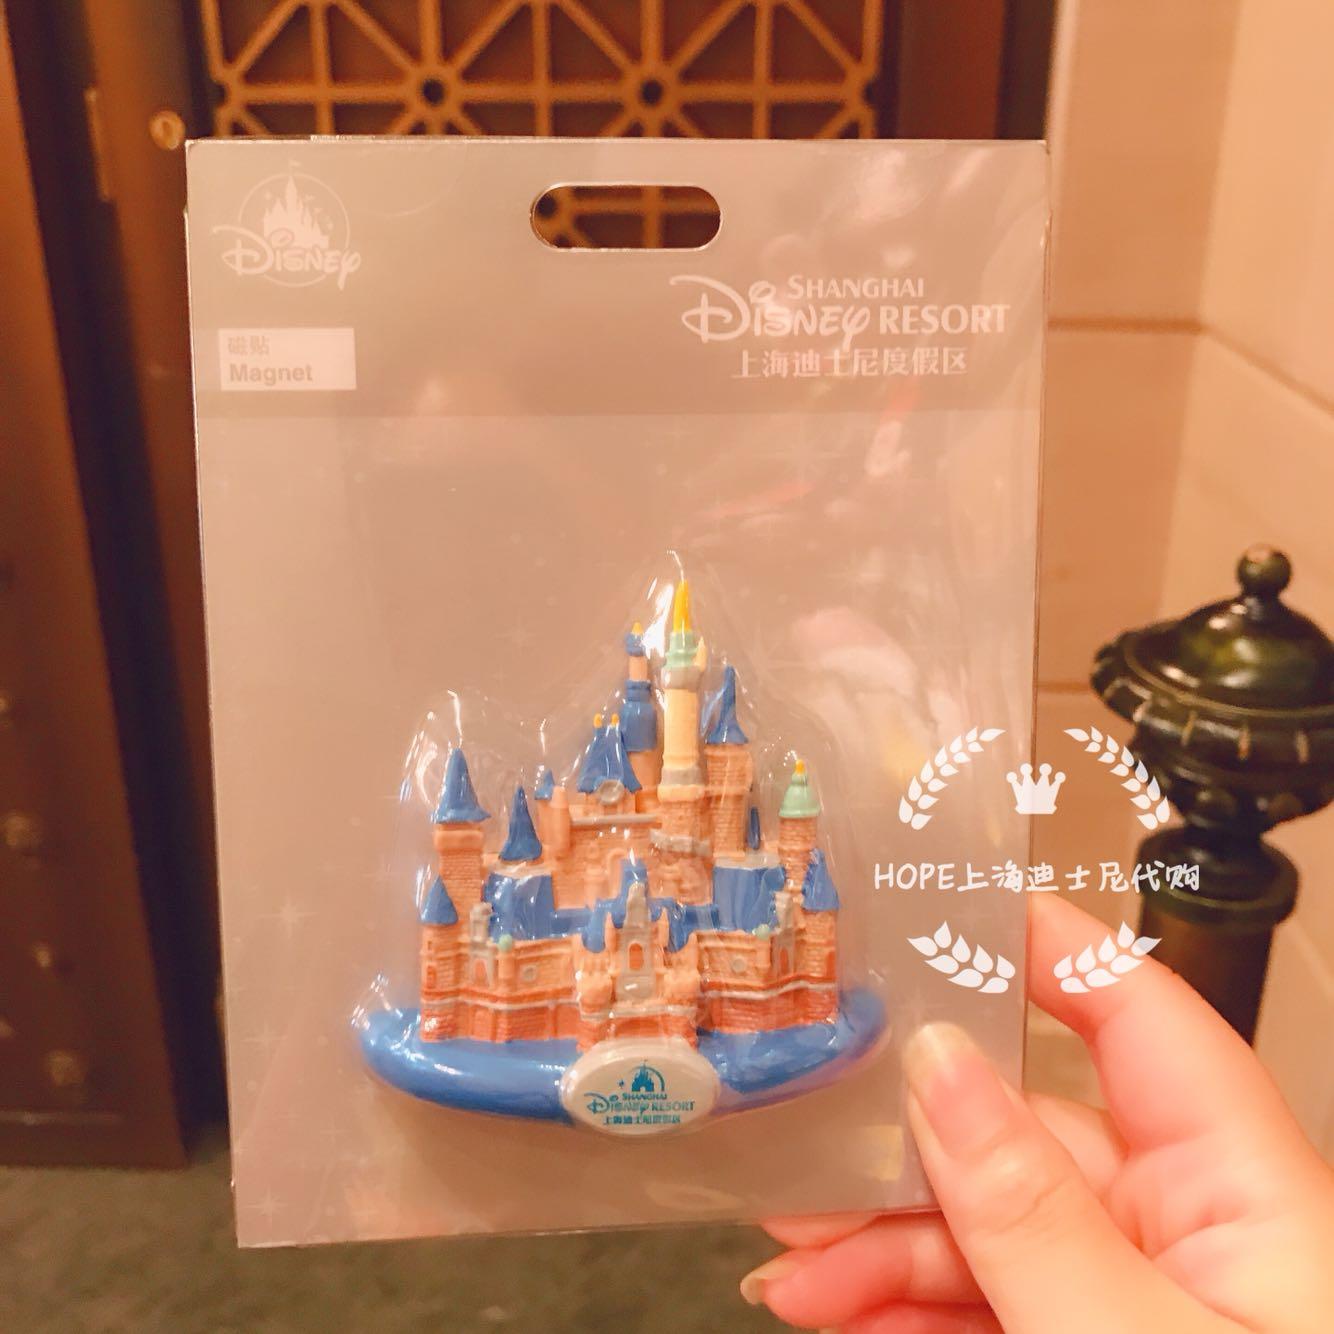 HOPE上海迪士尼代購 迪士尼樂園立體城堡硅膠紀念磁貼冰箱貼